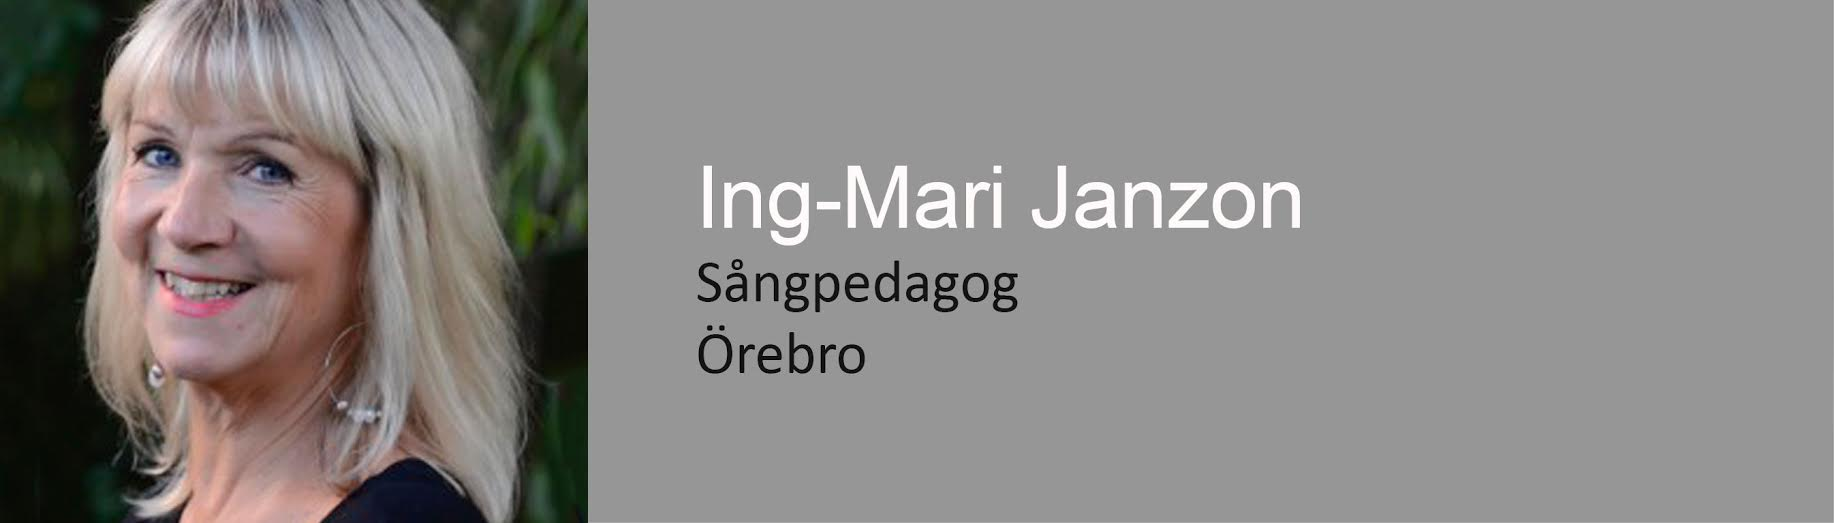 Ing-Mari Janzon, sångpedagog, Örebro